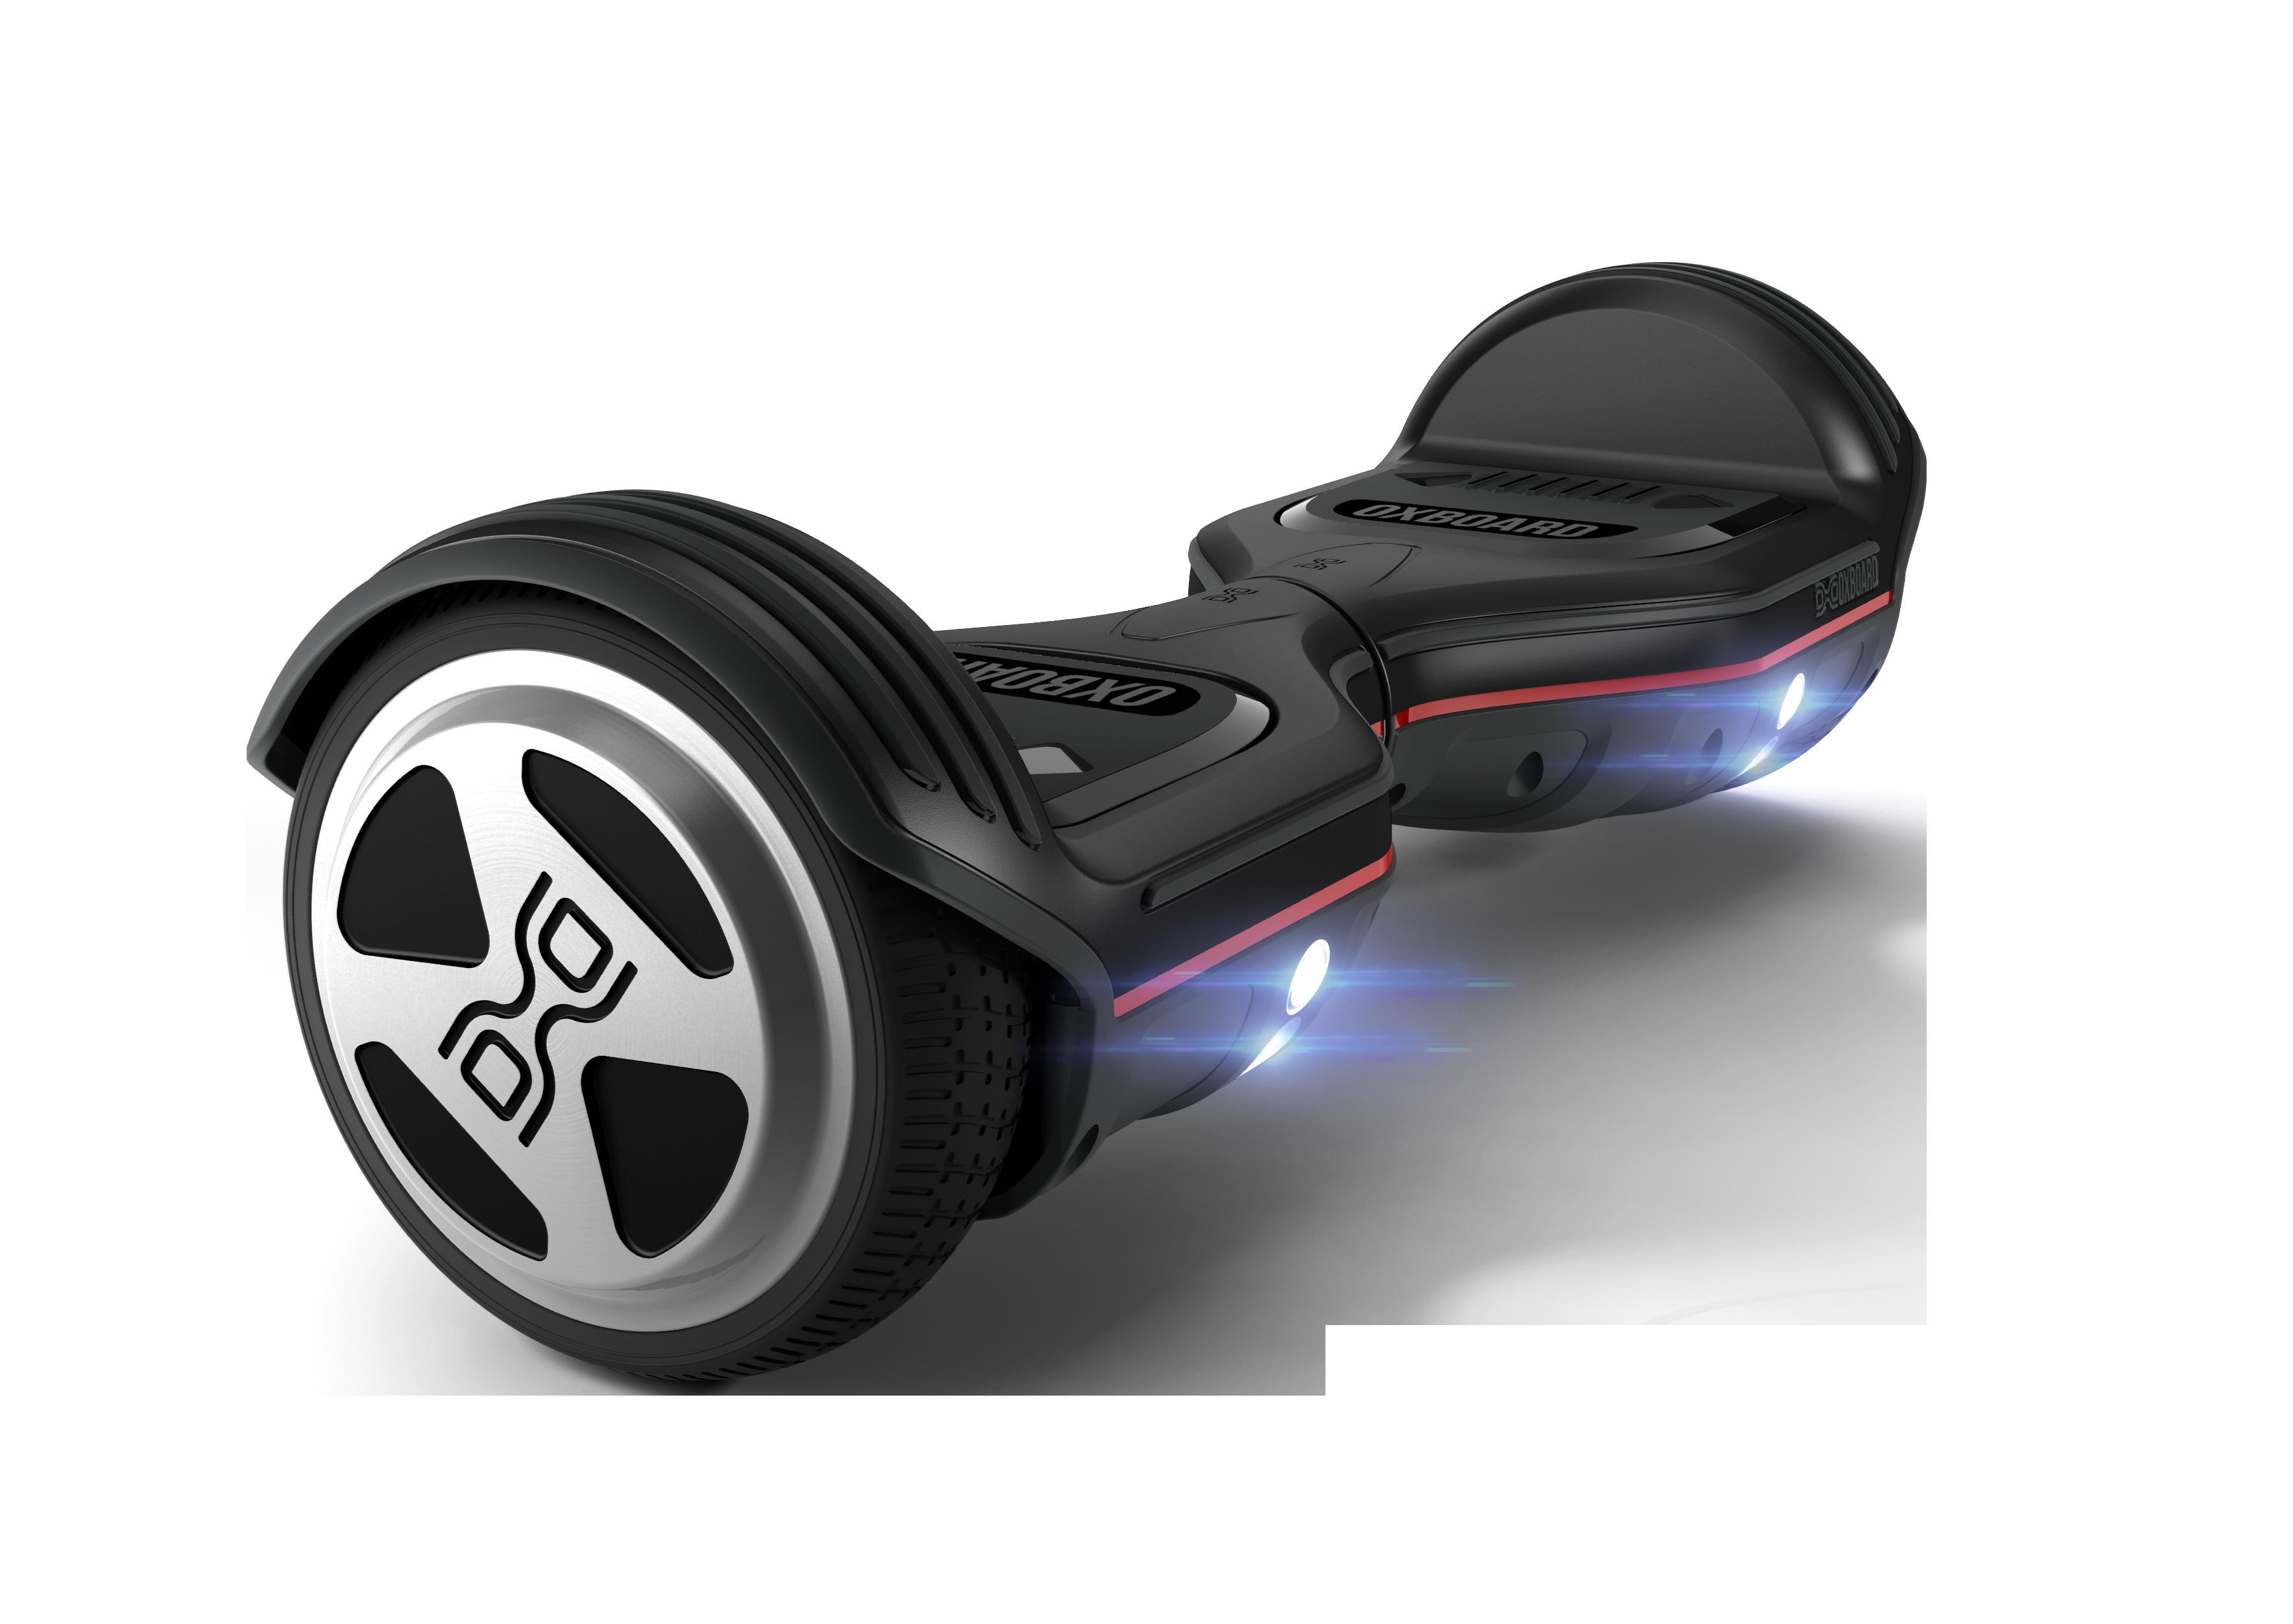 Hoverboard van Oxboard